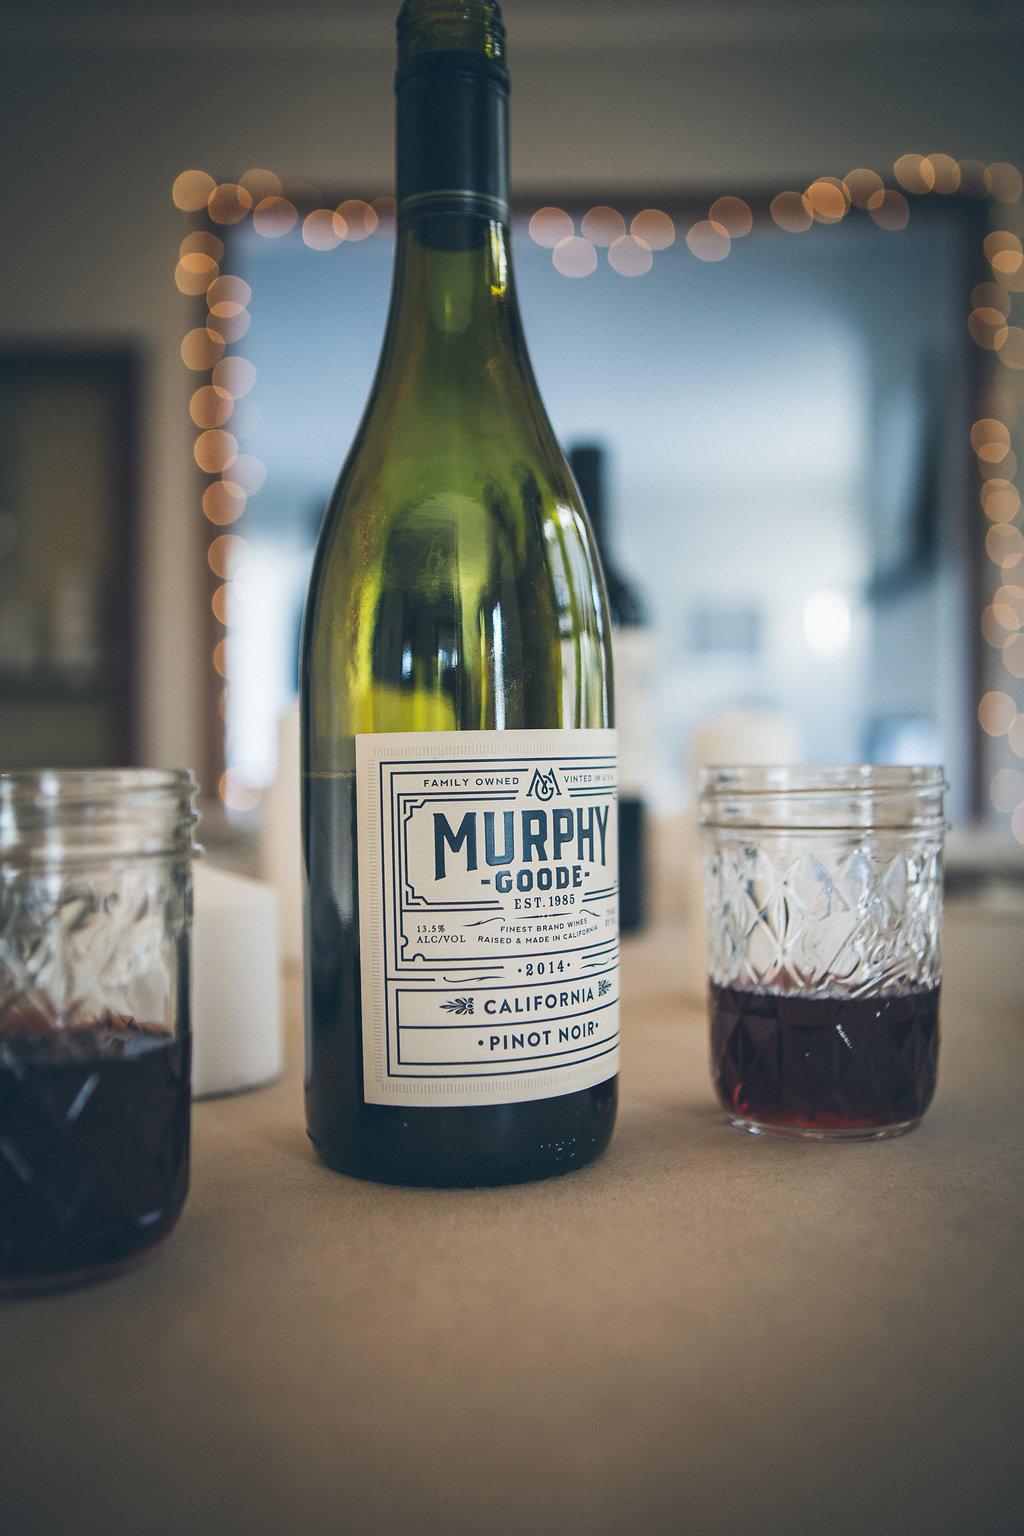 Murphy-Goode Winery Pinot Noir 2014